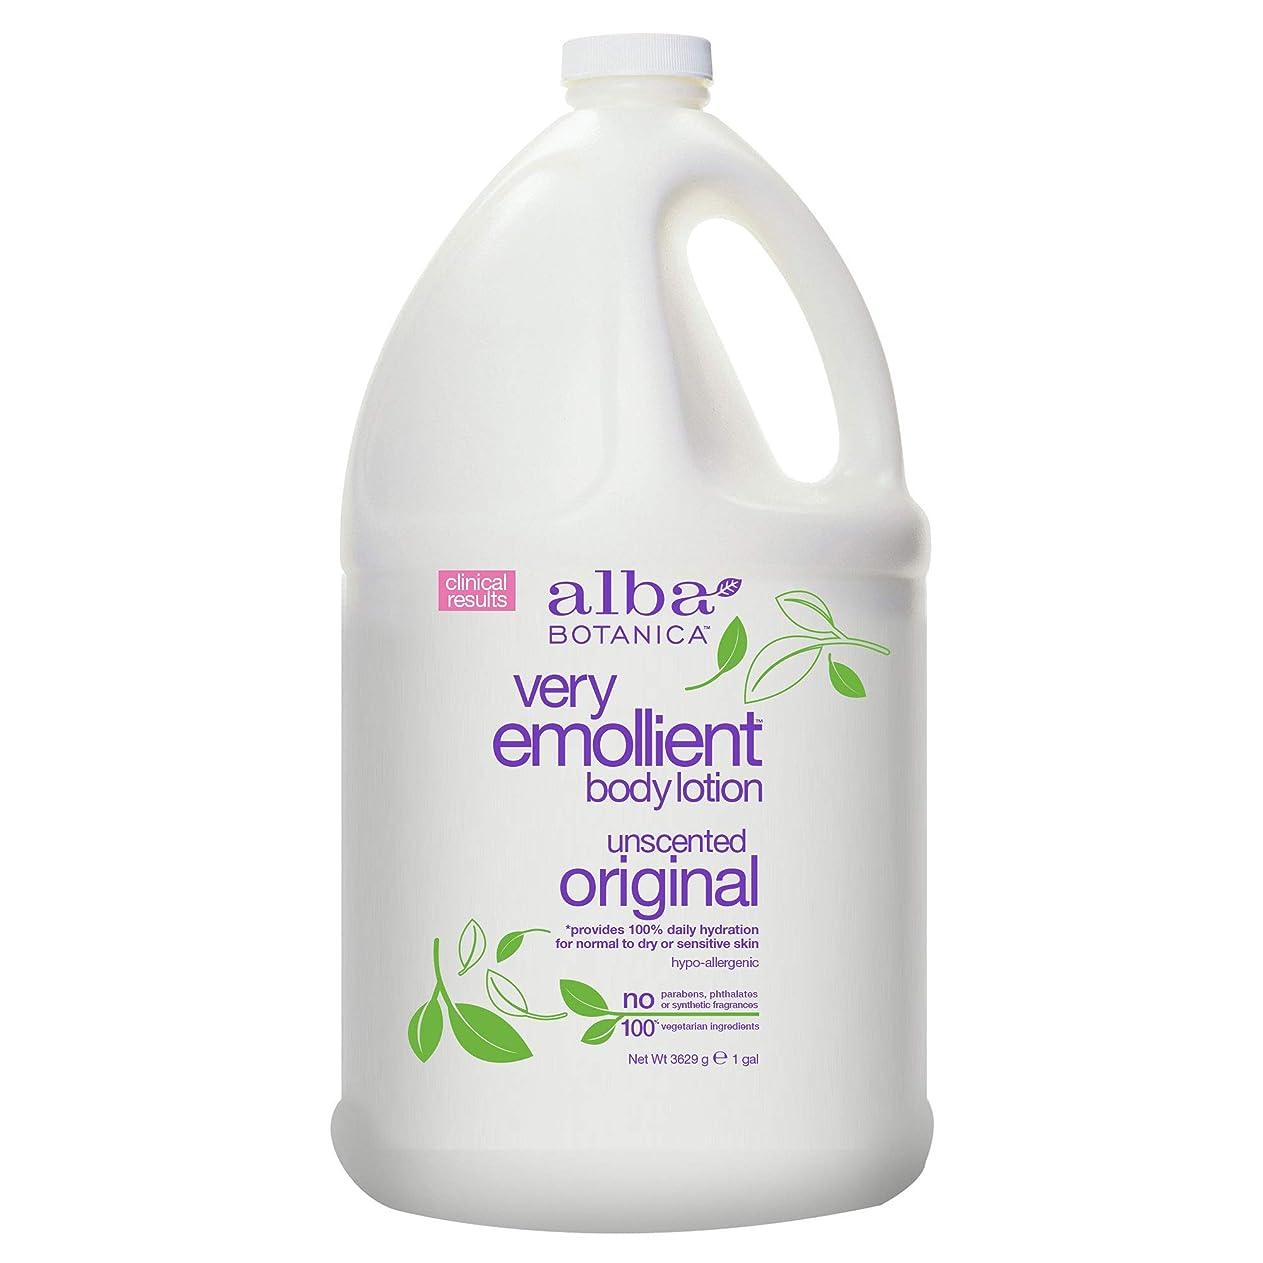 報いる異なる女の子Alba Botanica Very Emollient Body Lotion Original Unscented - 1 Gallon